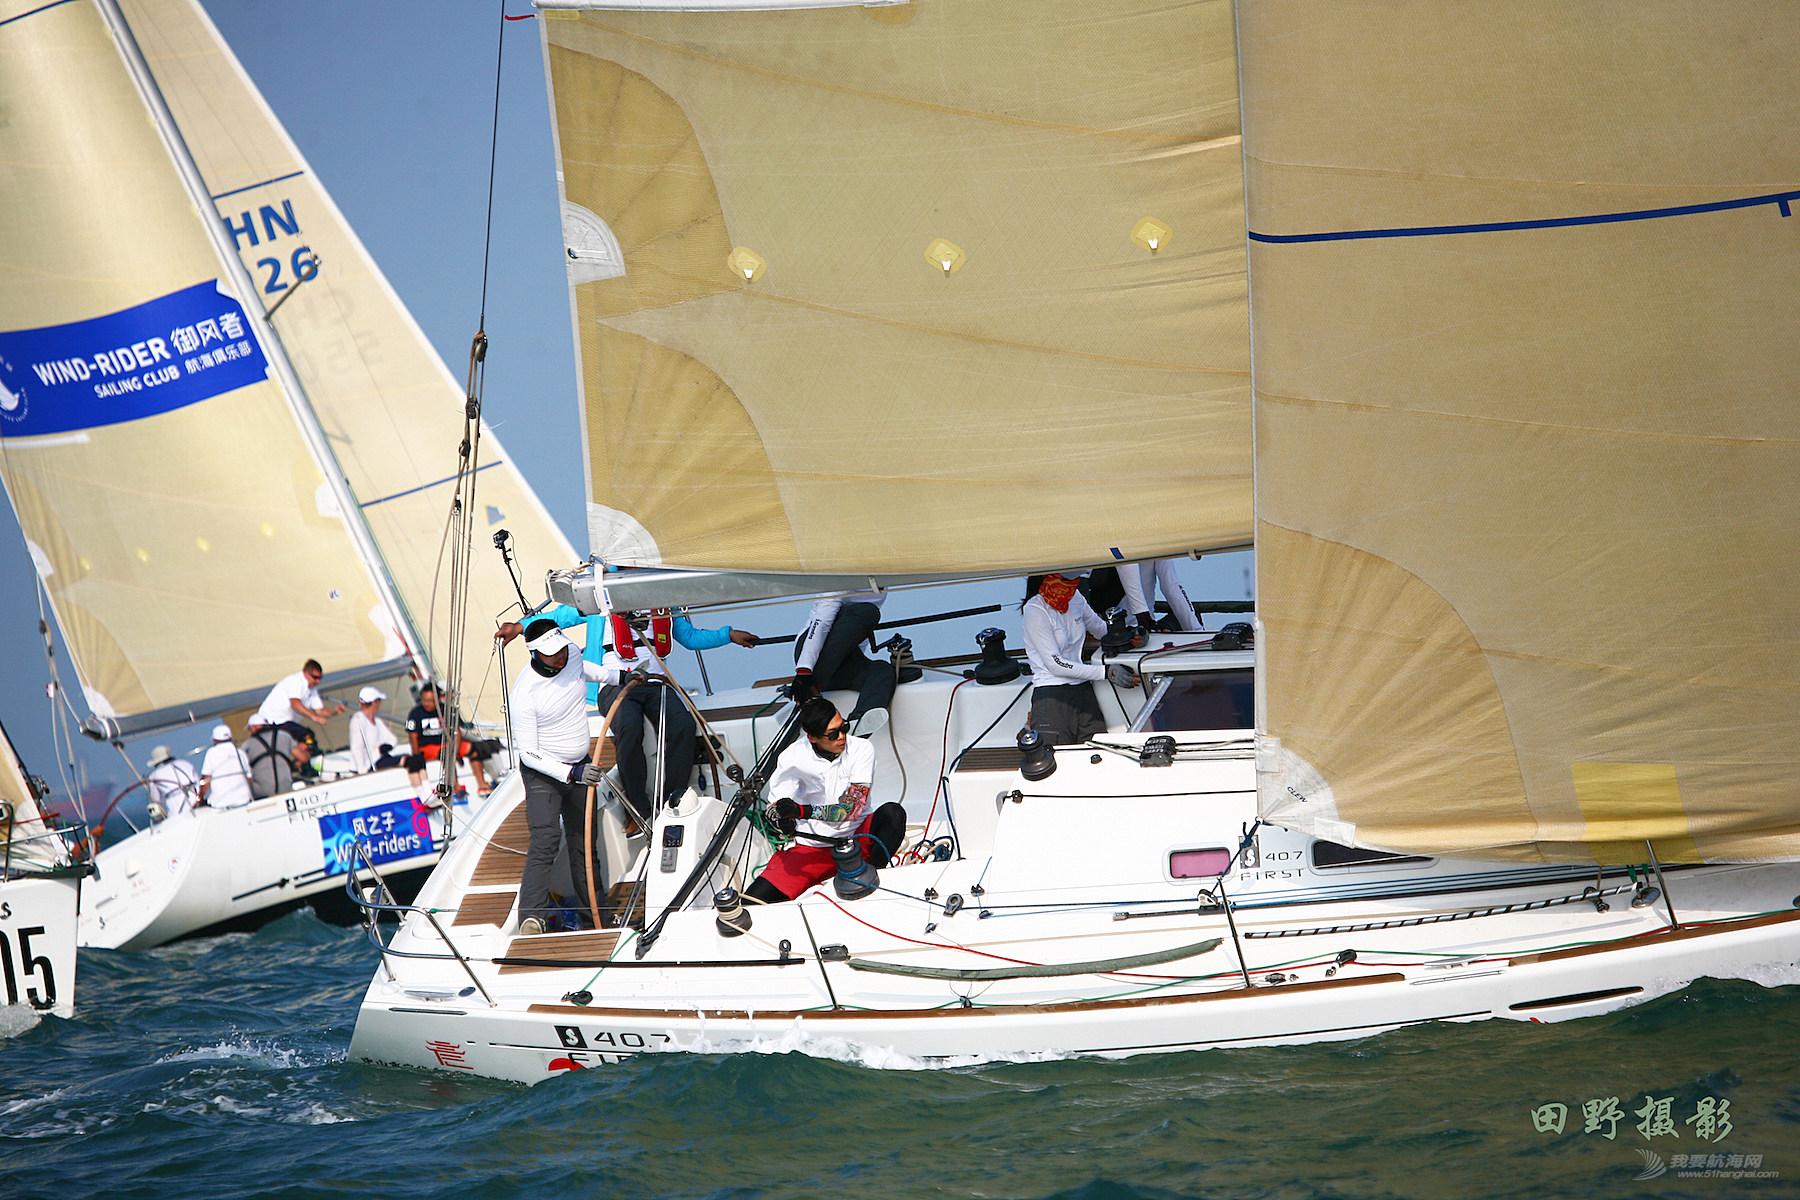 中国 第九届中国杯帆船赛精彩瞬间      摄影田野